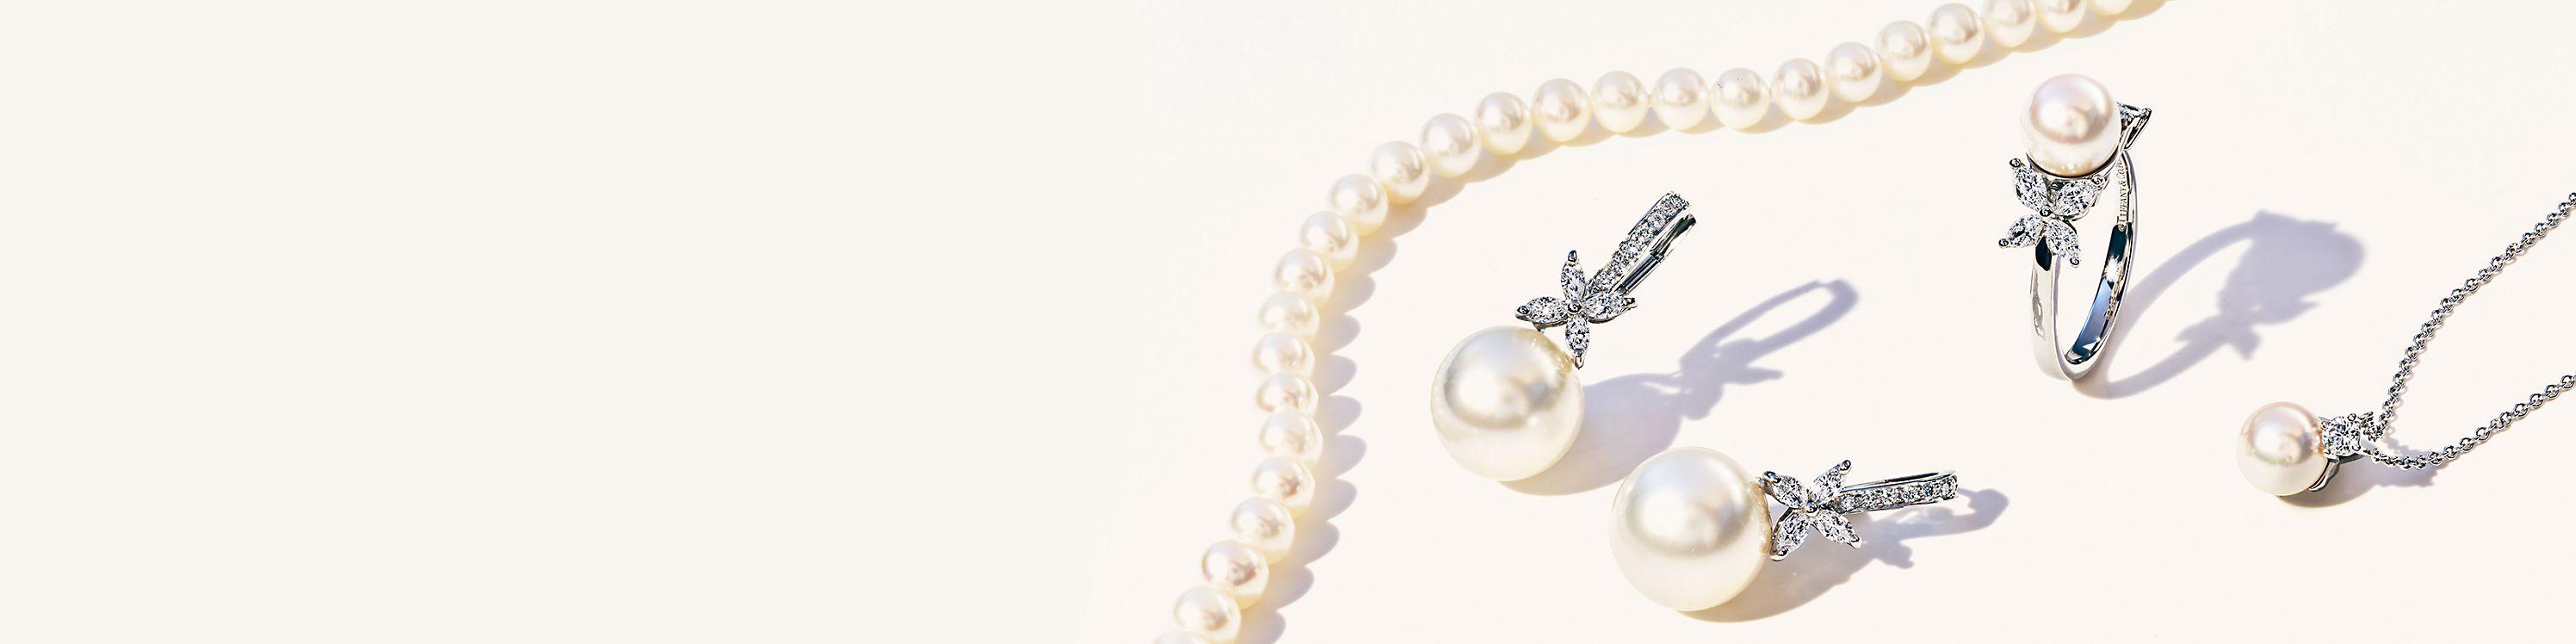 f2ce297b90277 Pearl Jewelry | Tiffany & Co.